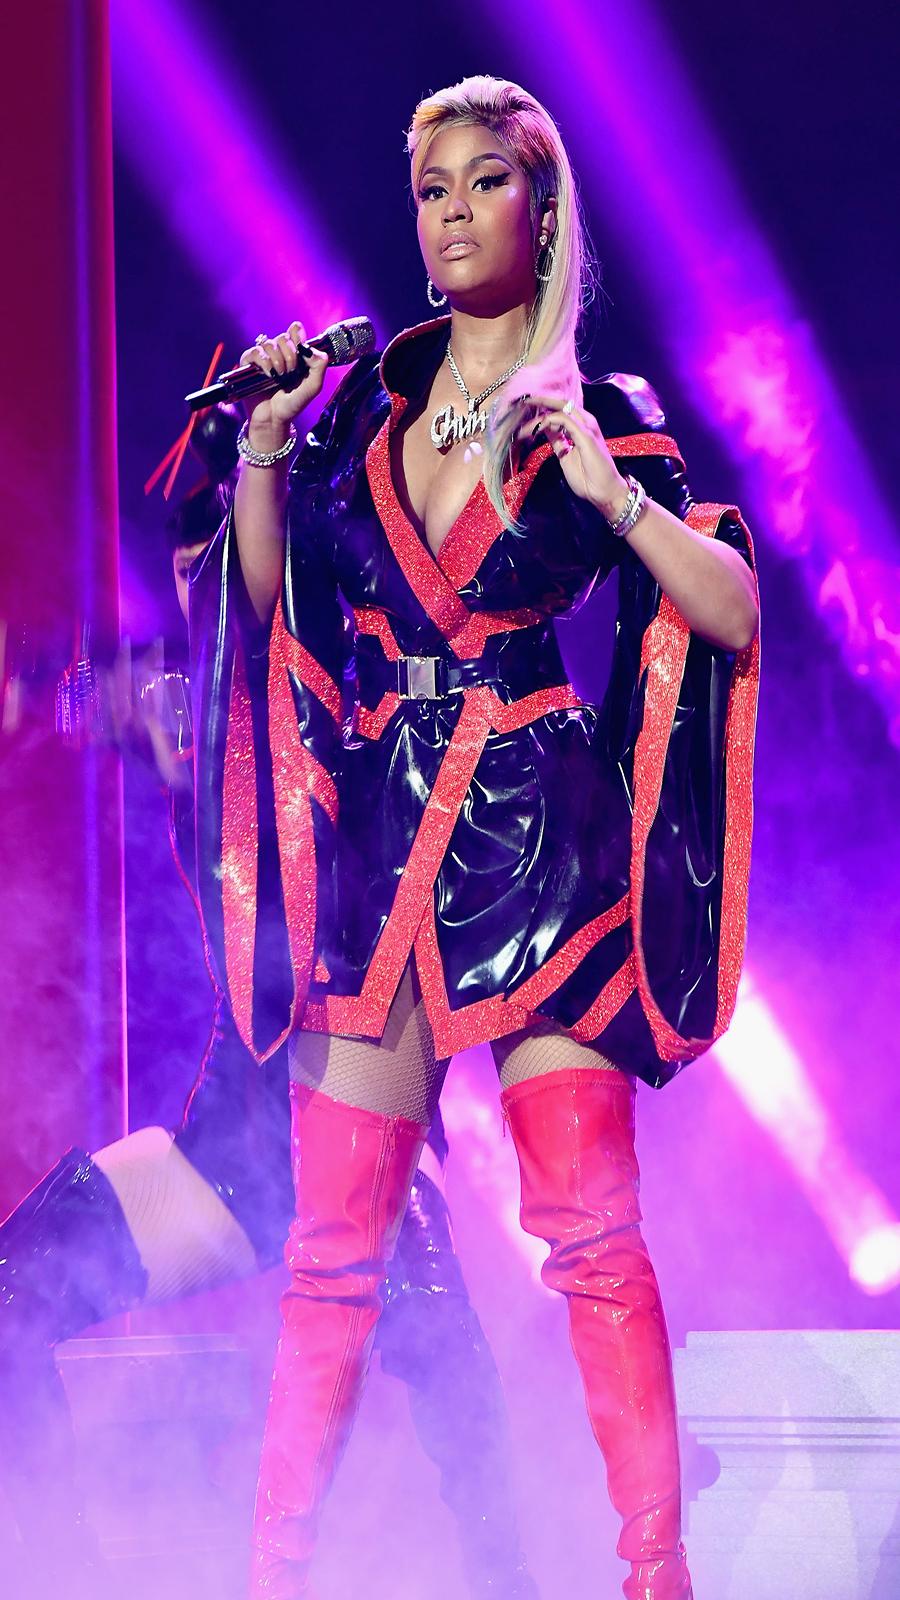 Nicki Minaj Twerk Show Wallpapers Free Download